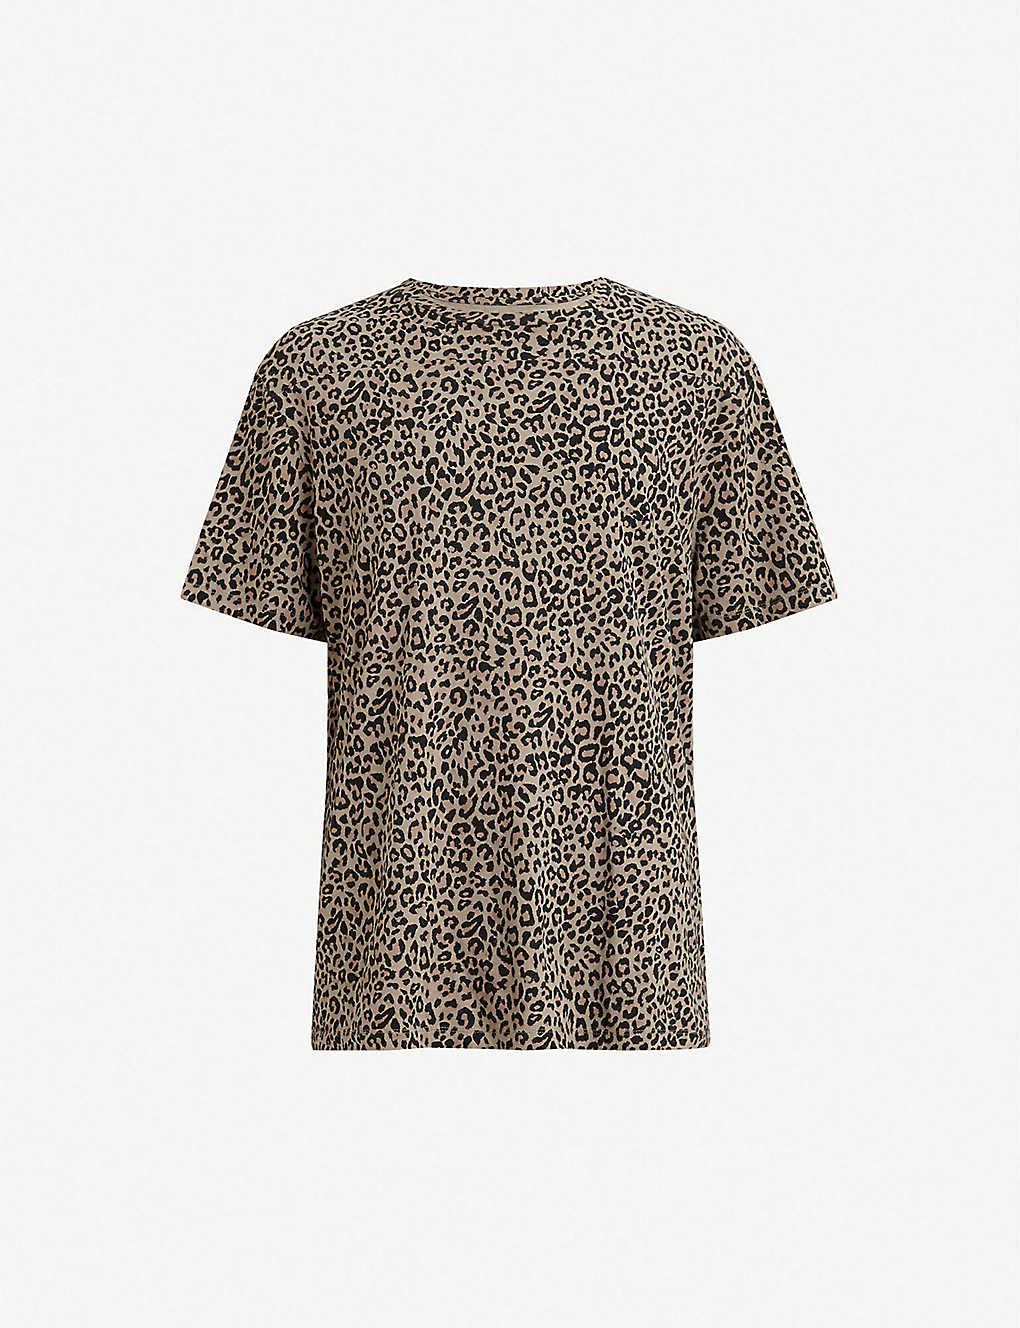 f3c0c22b174bf ALLSAINTS - Leopard two-tone cotton T-shirt | Selfridges.com